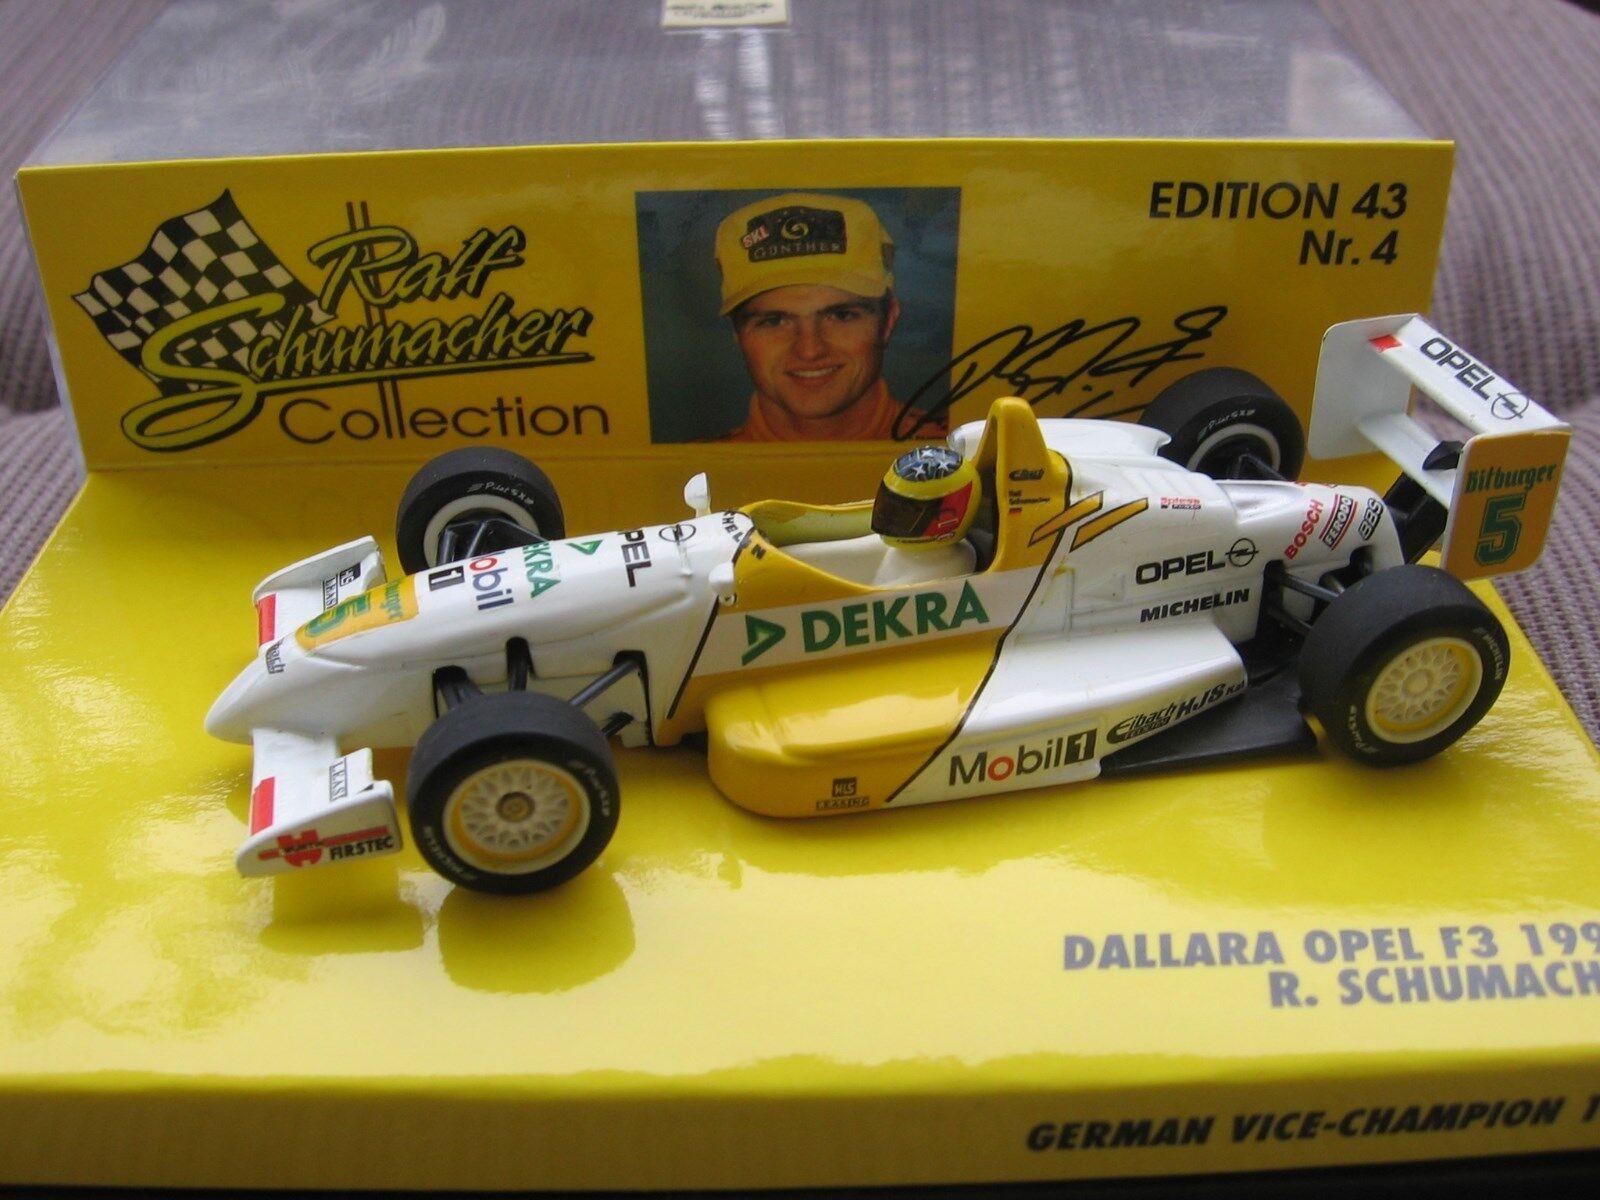 RSC Schumacher F1 Dallara Opel F3 1995 1 43 MINICHAMPS OVP